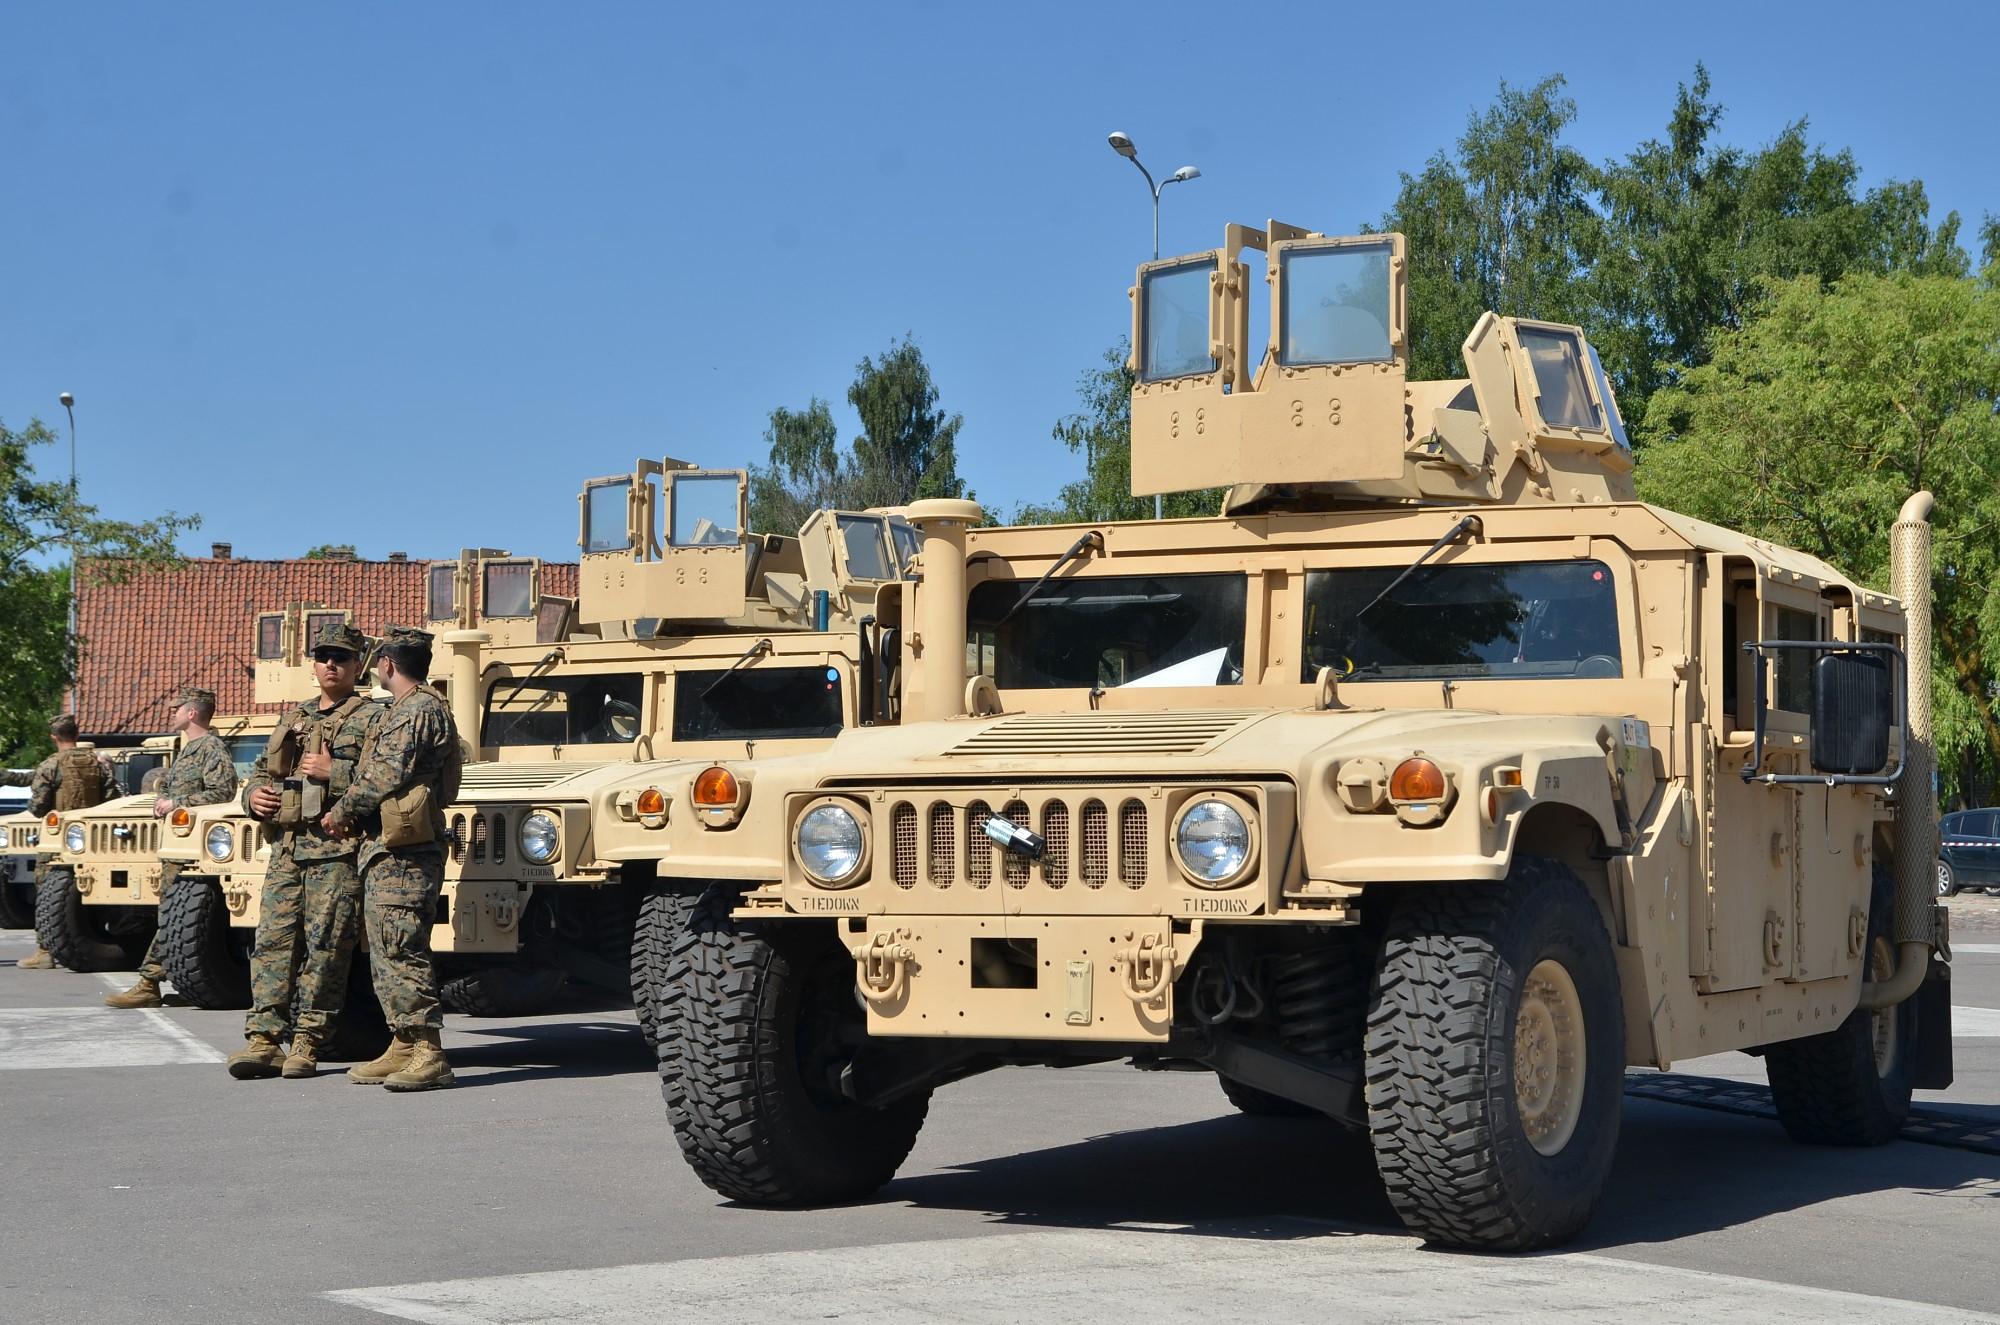 Latvijas armija un sabiedrotie demonstrē muskuļus